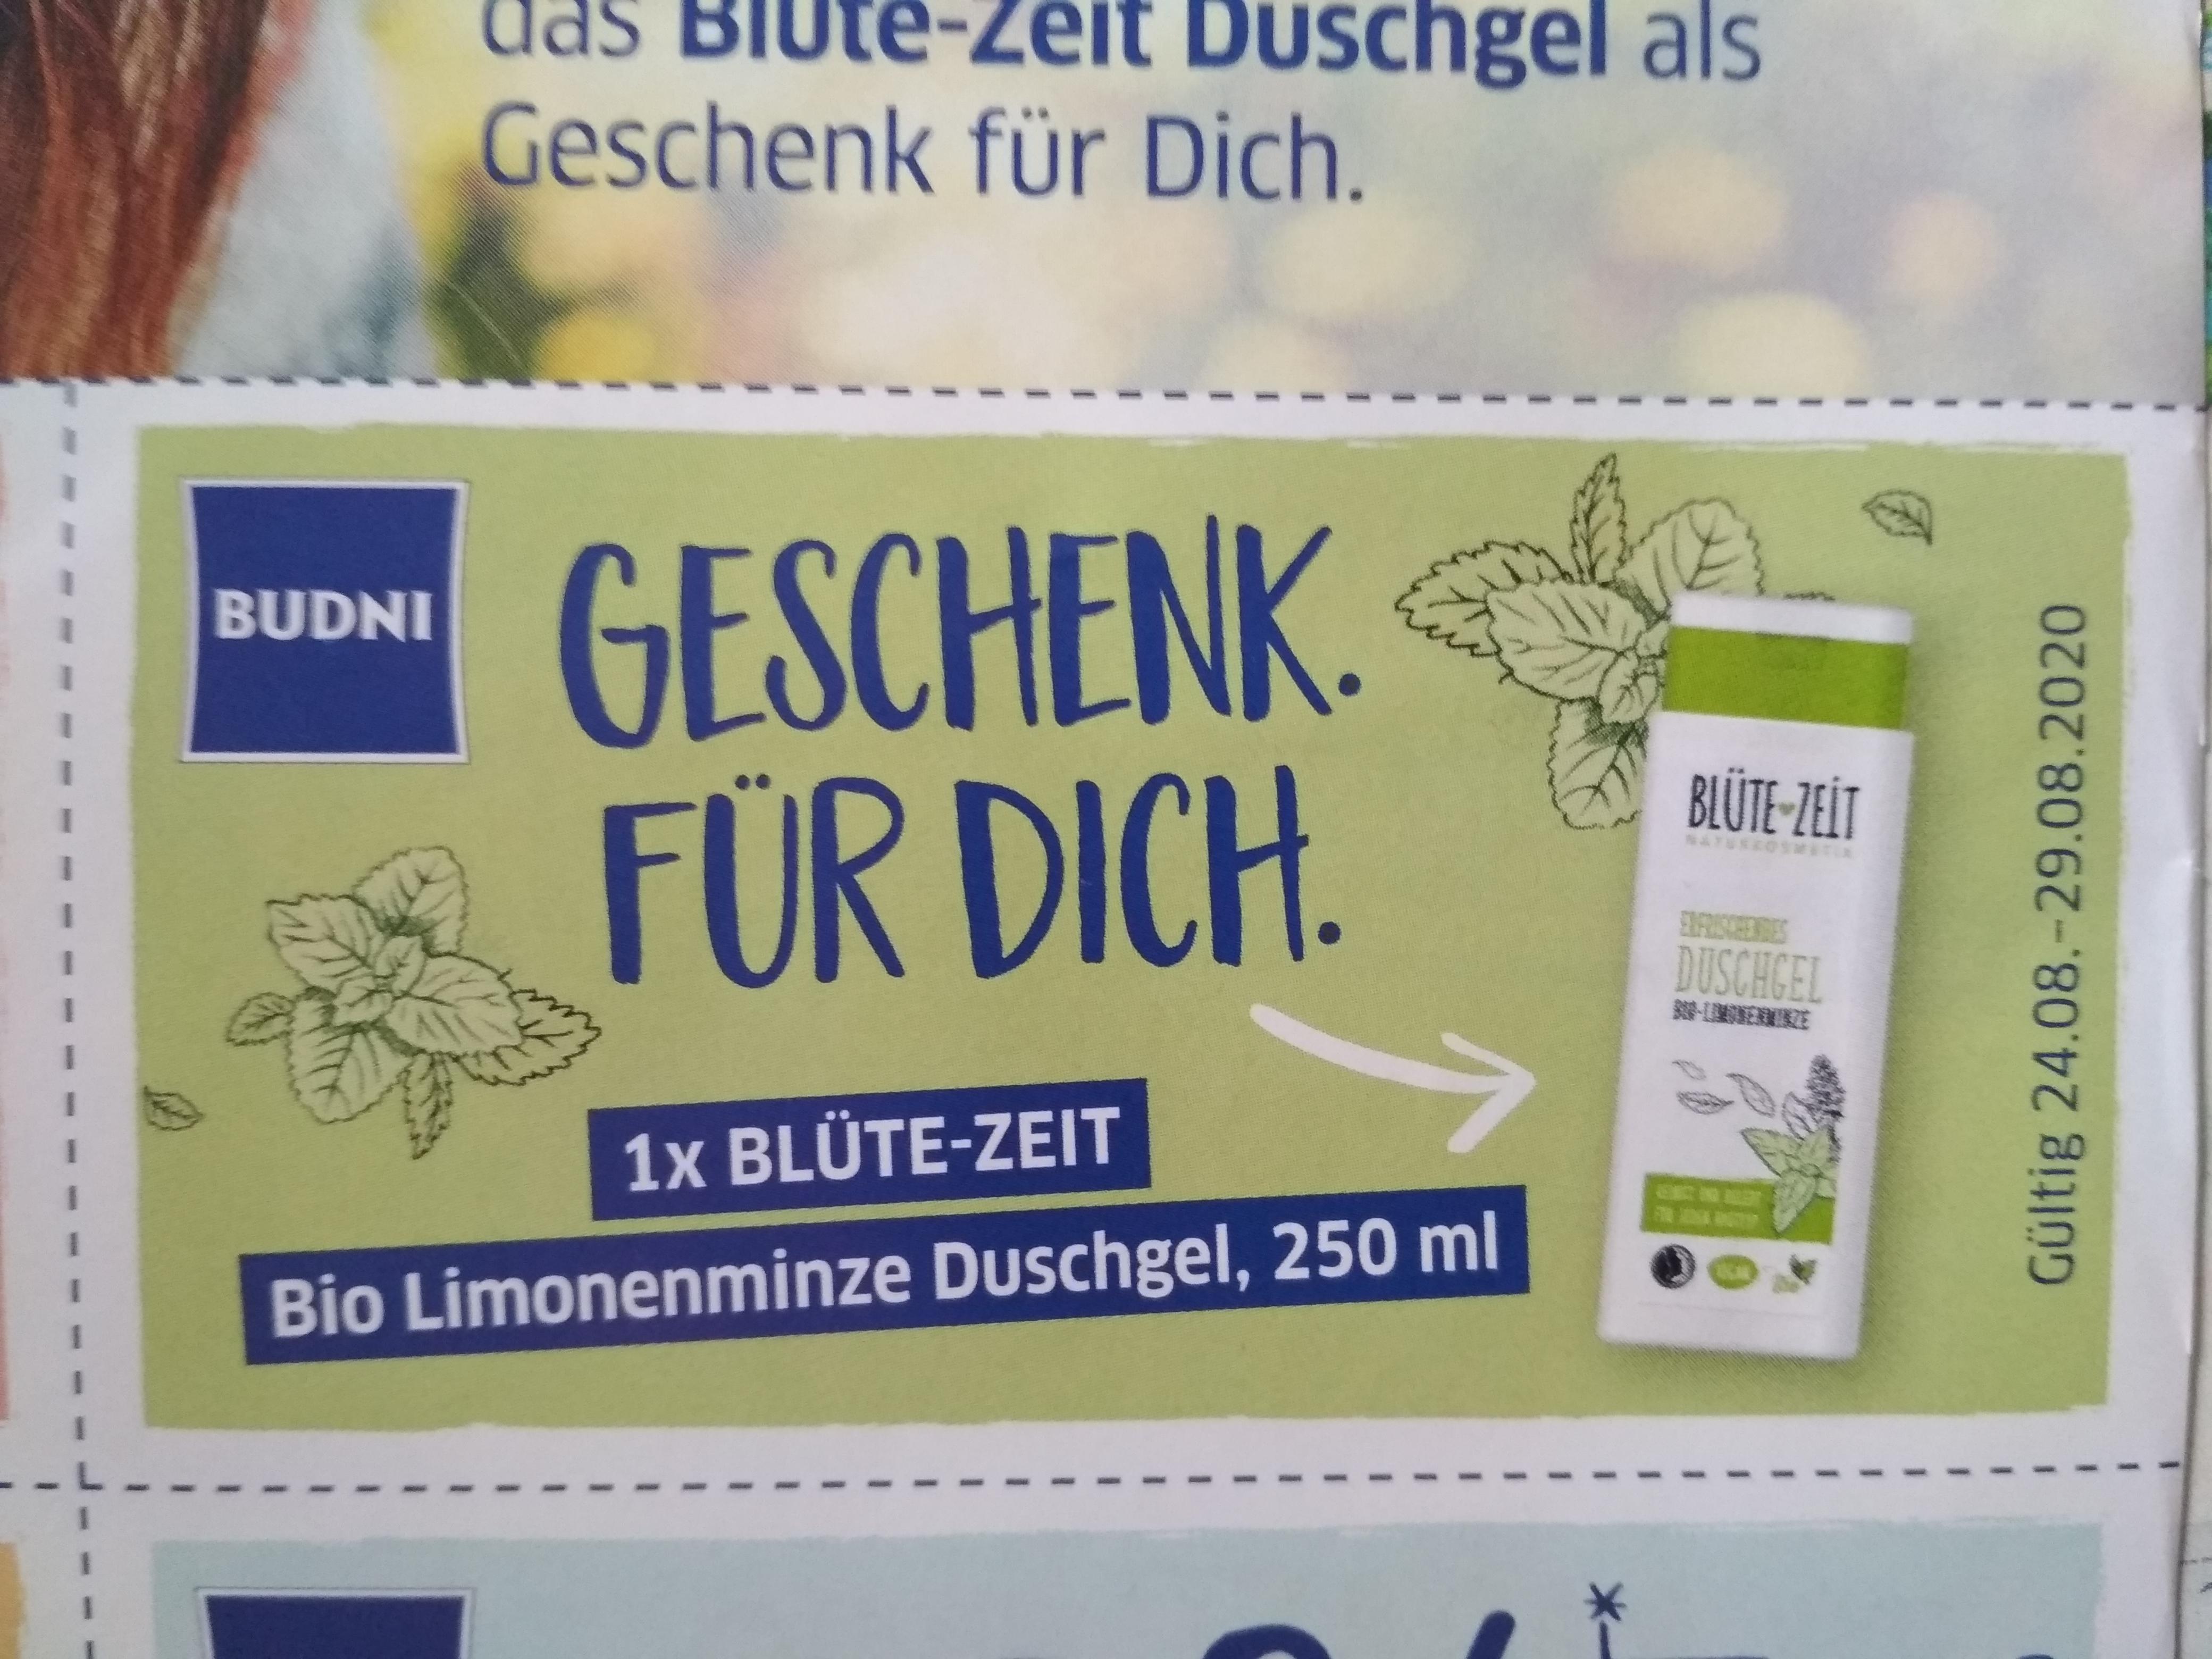 Budni 1x Blütezeit Bio Limonenminze Duschgel 250 ml gratis mit Coupon vom 24.-29.8.